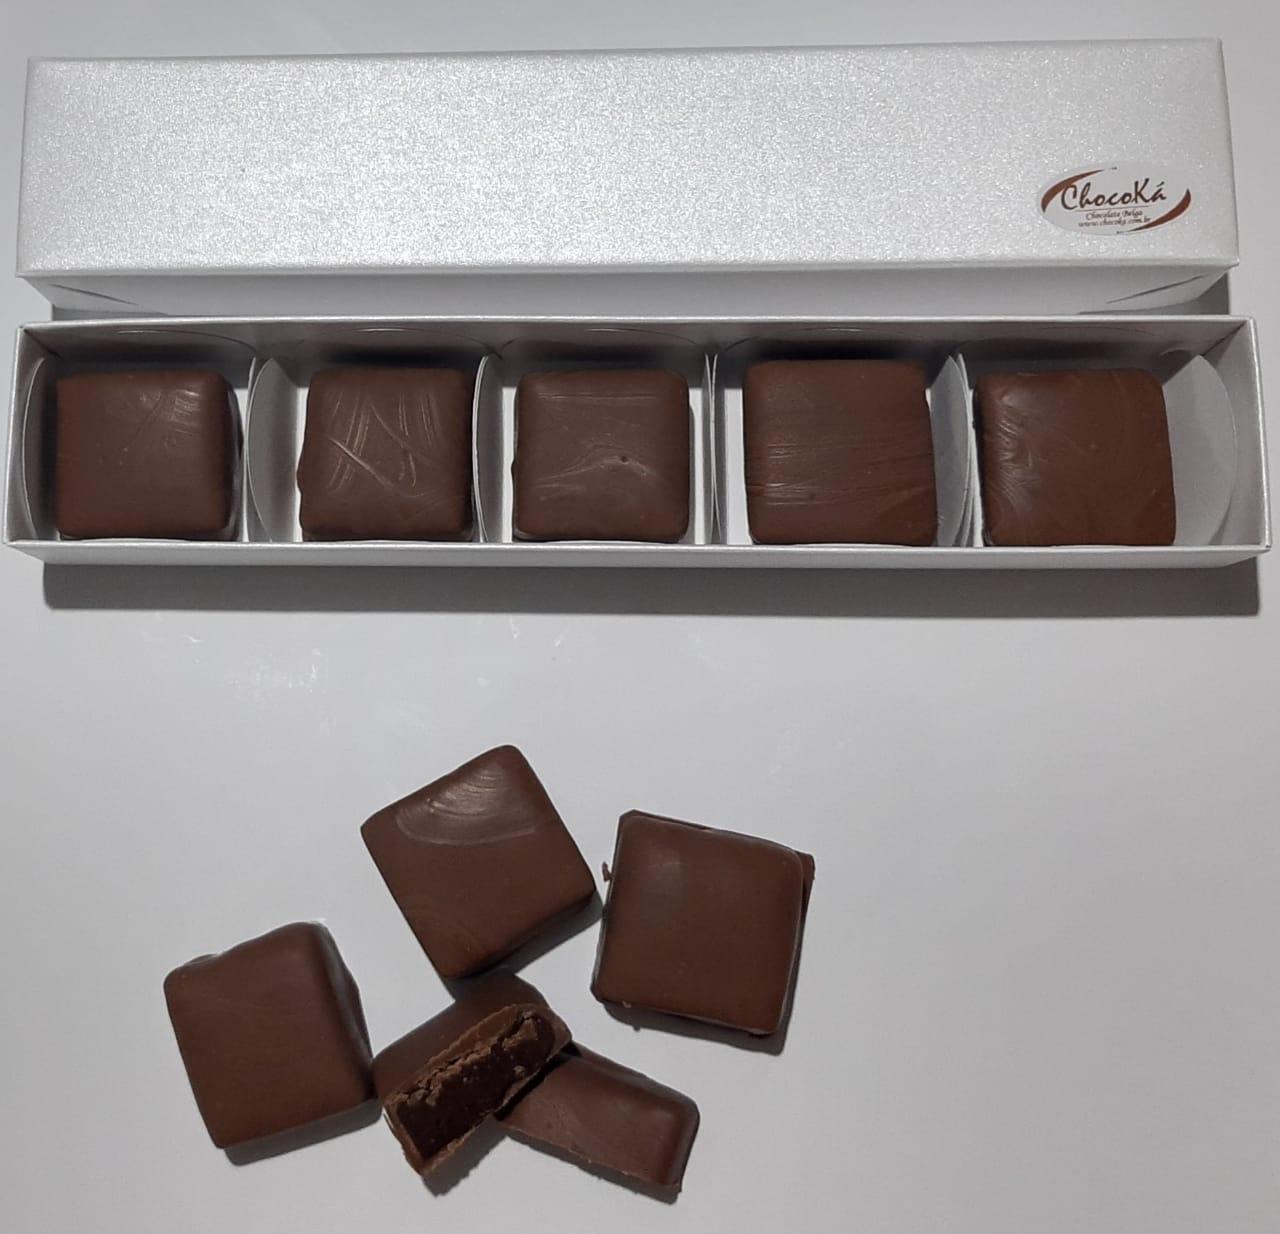 Fudge - Caixa com 5 unidades